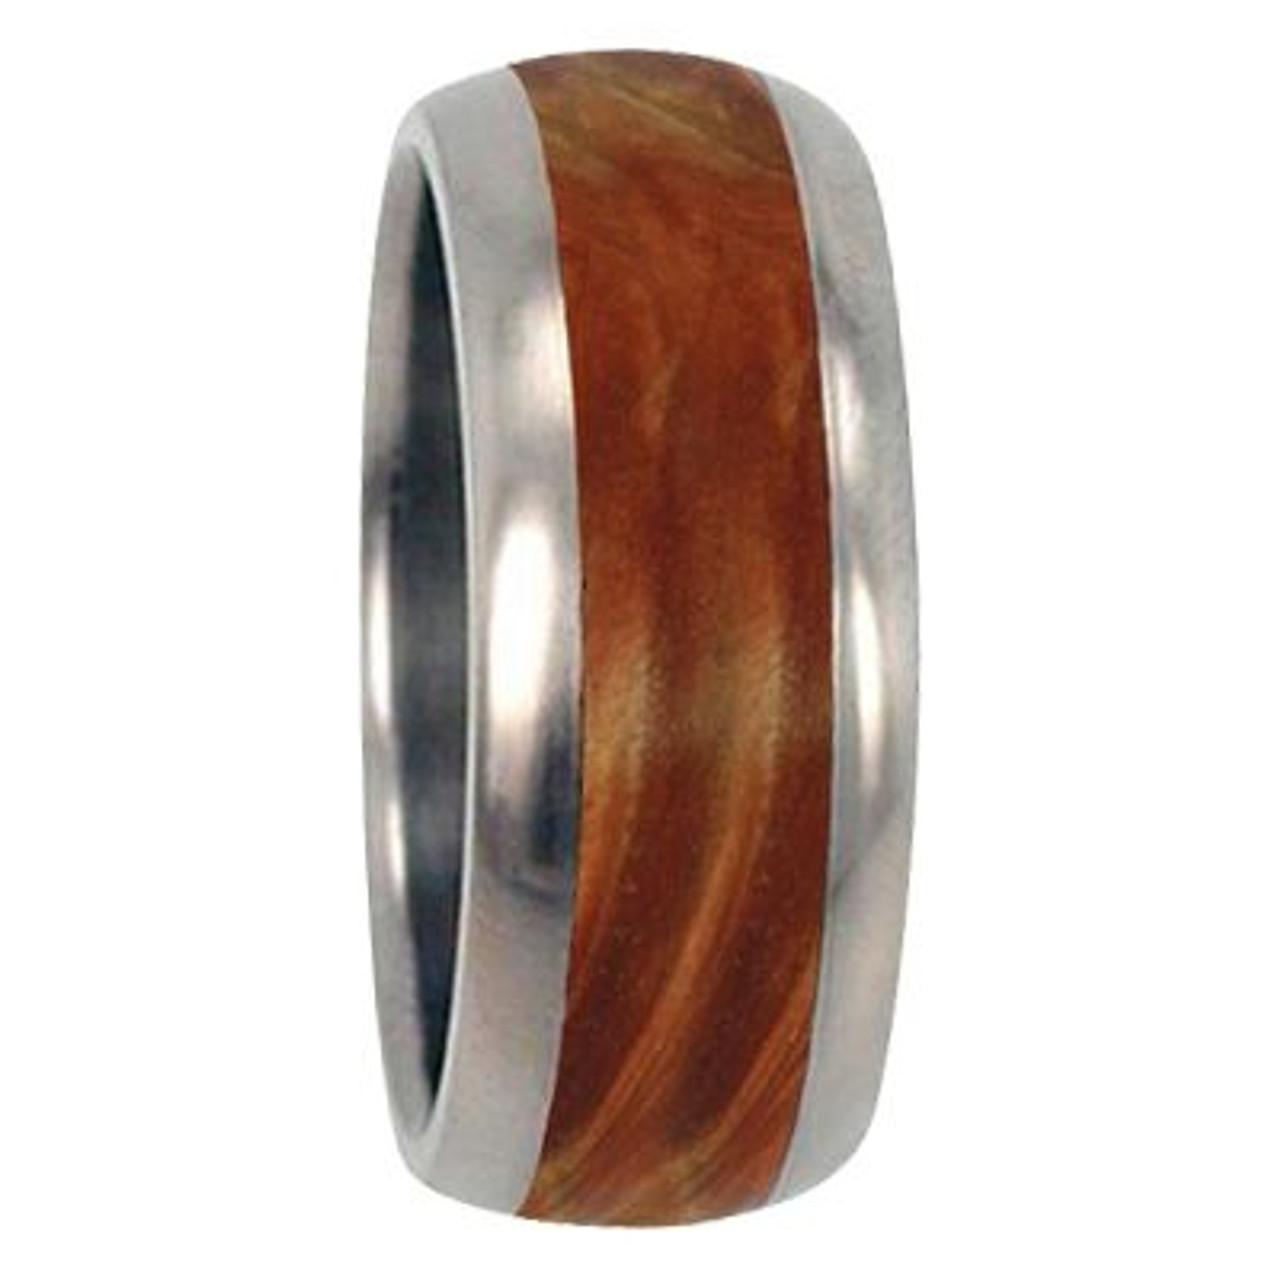 8mm Tungsten Carbide With 4mm Hawaiian Koa Wood Inlay